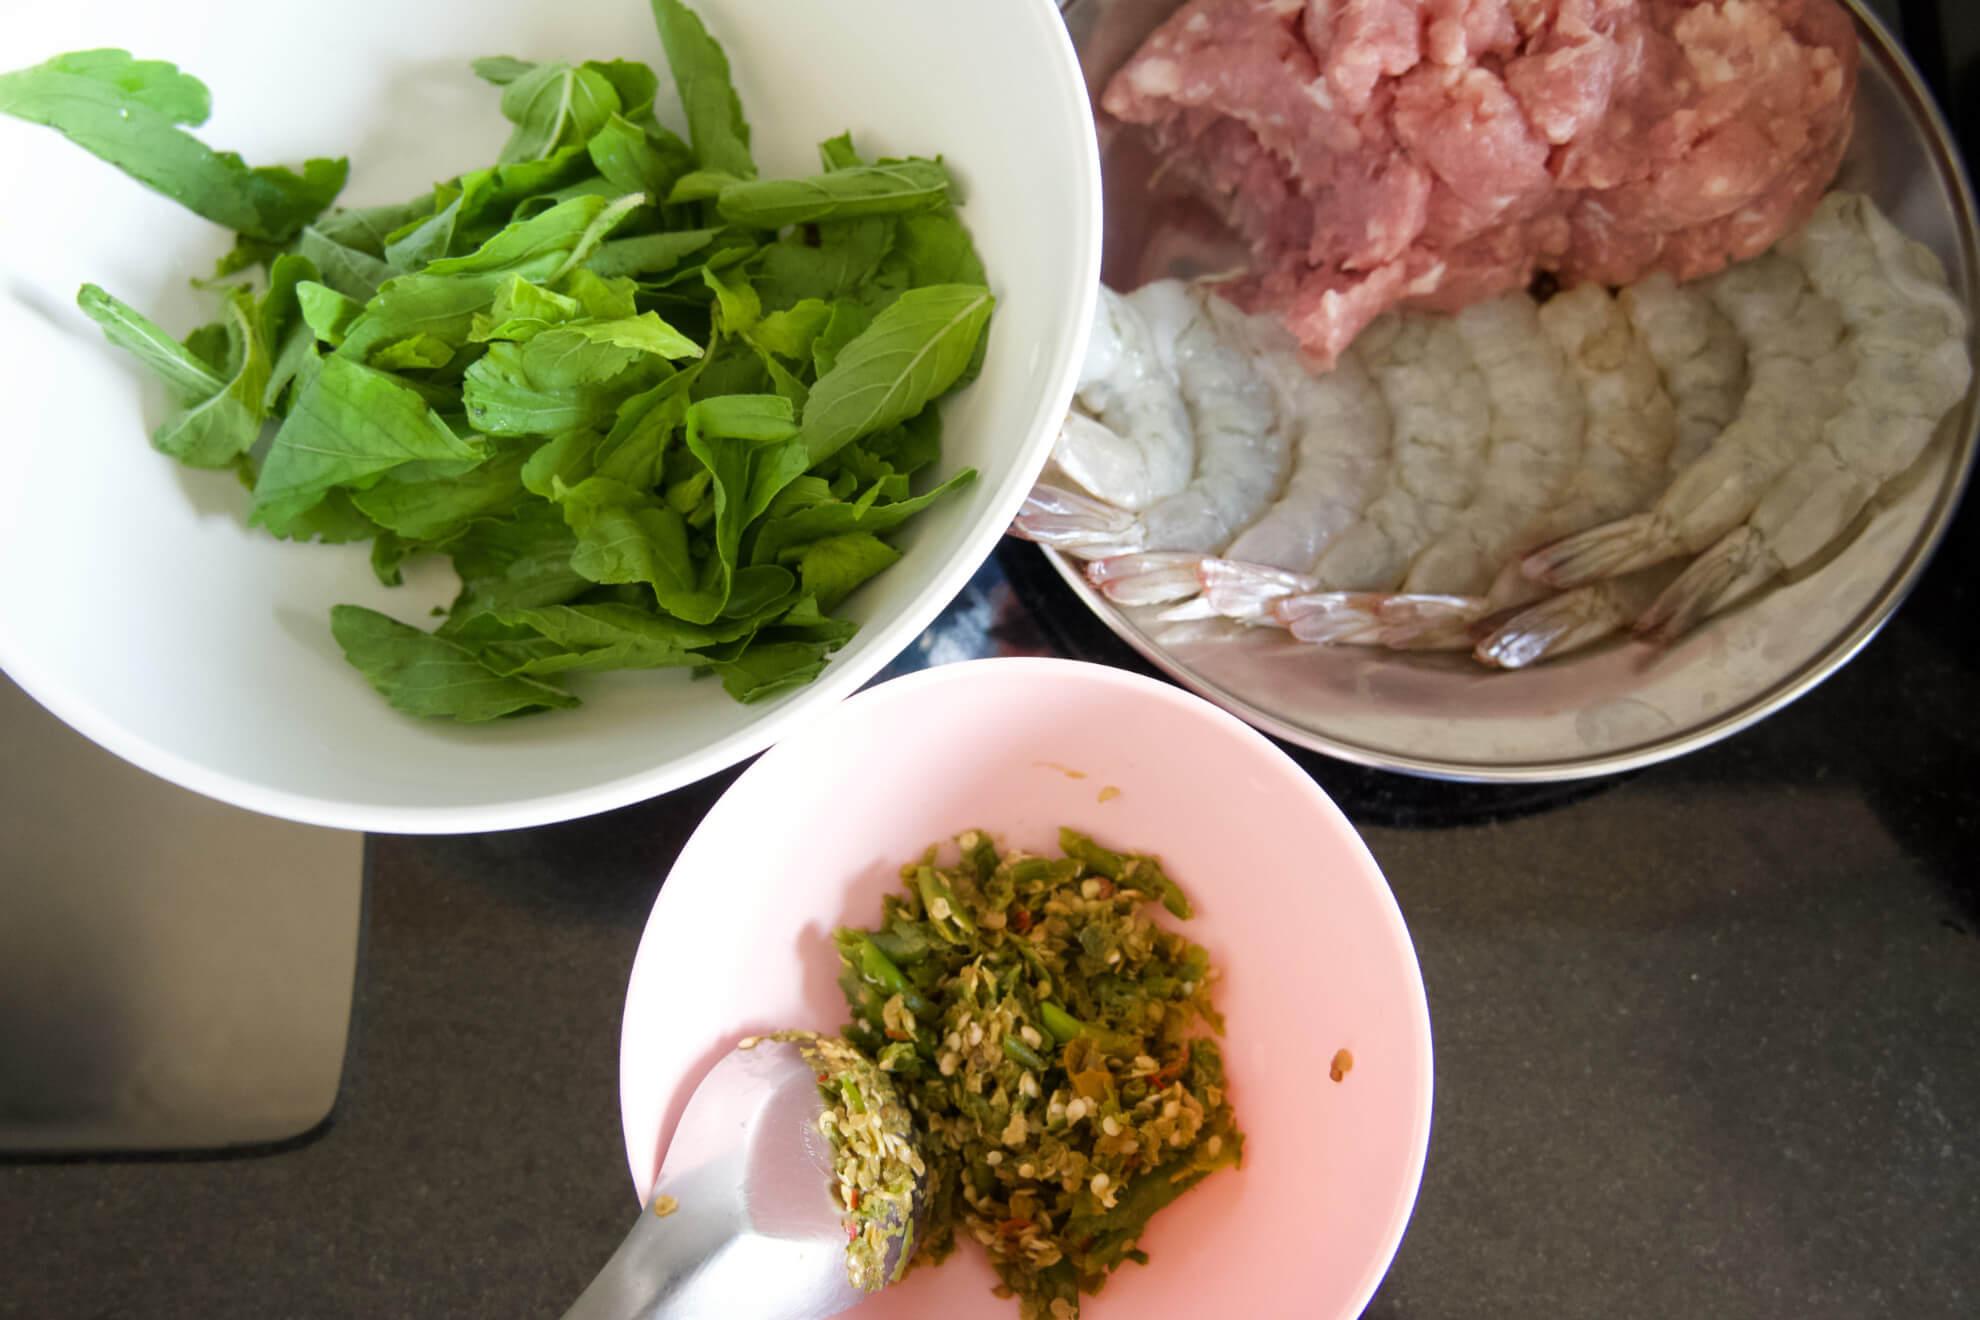 วันหยุด เข้าครัว ทำกับข้าวกินกัน อร่อย เมนูง่ายๆ กระเพราหมูสับ